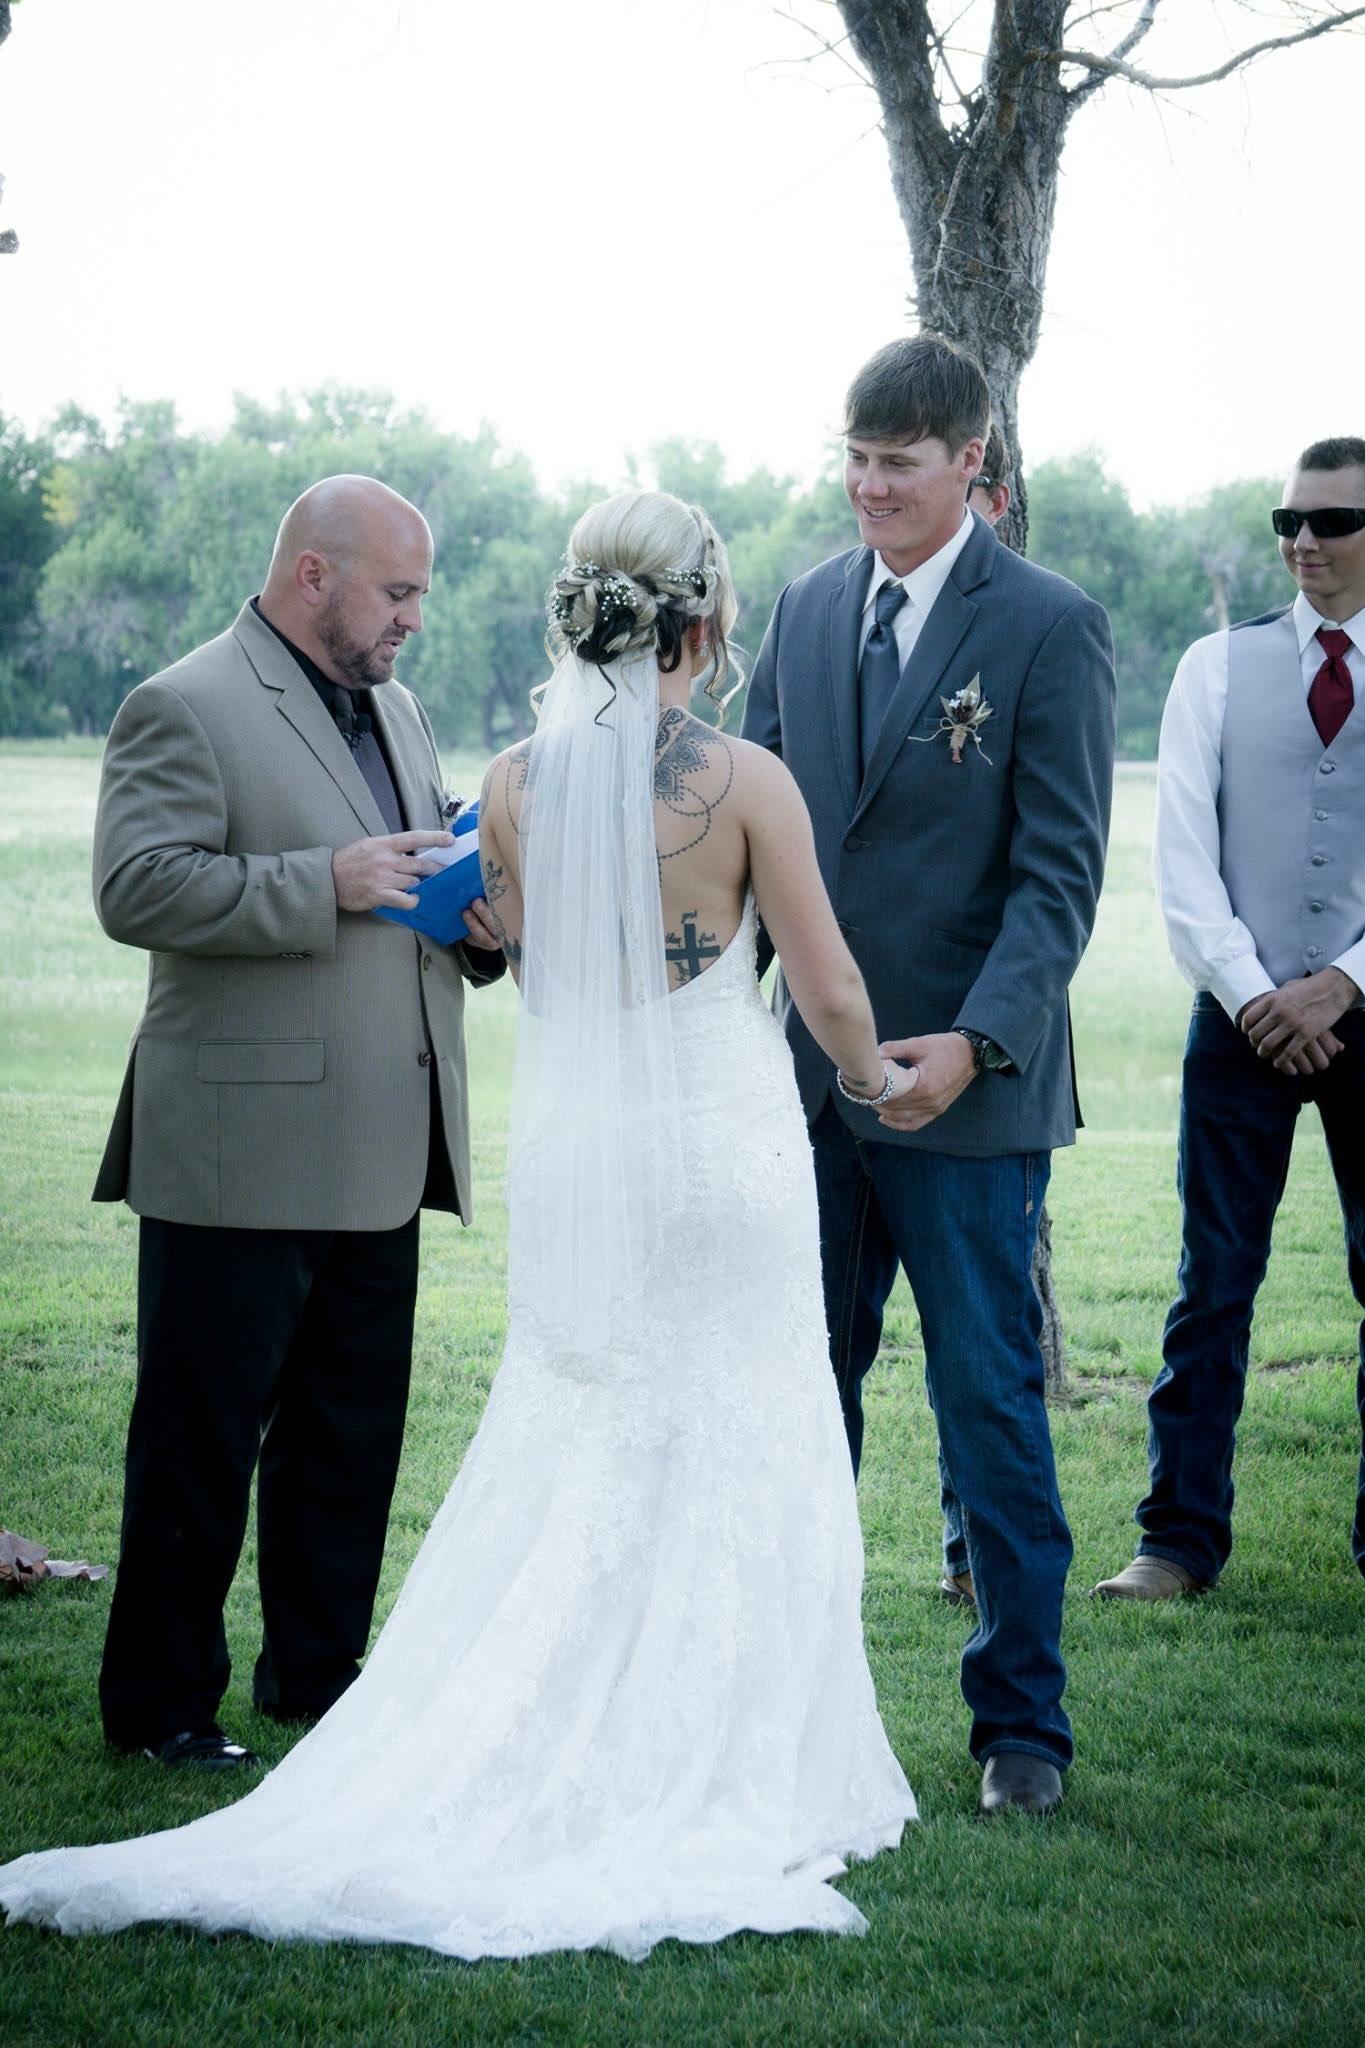 wedding-hairstylist-braids-